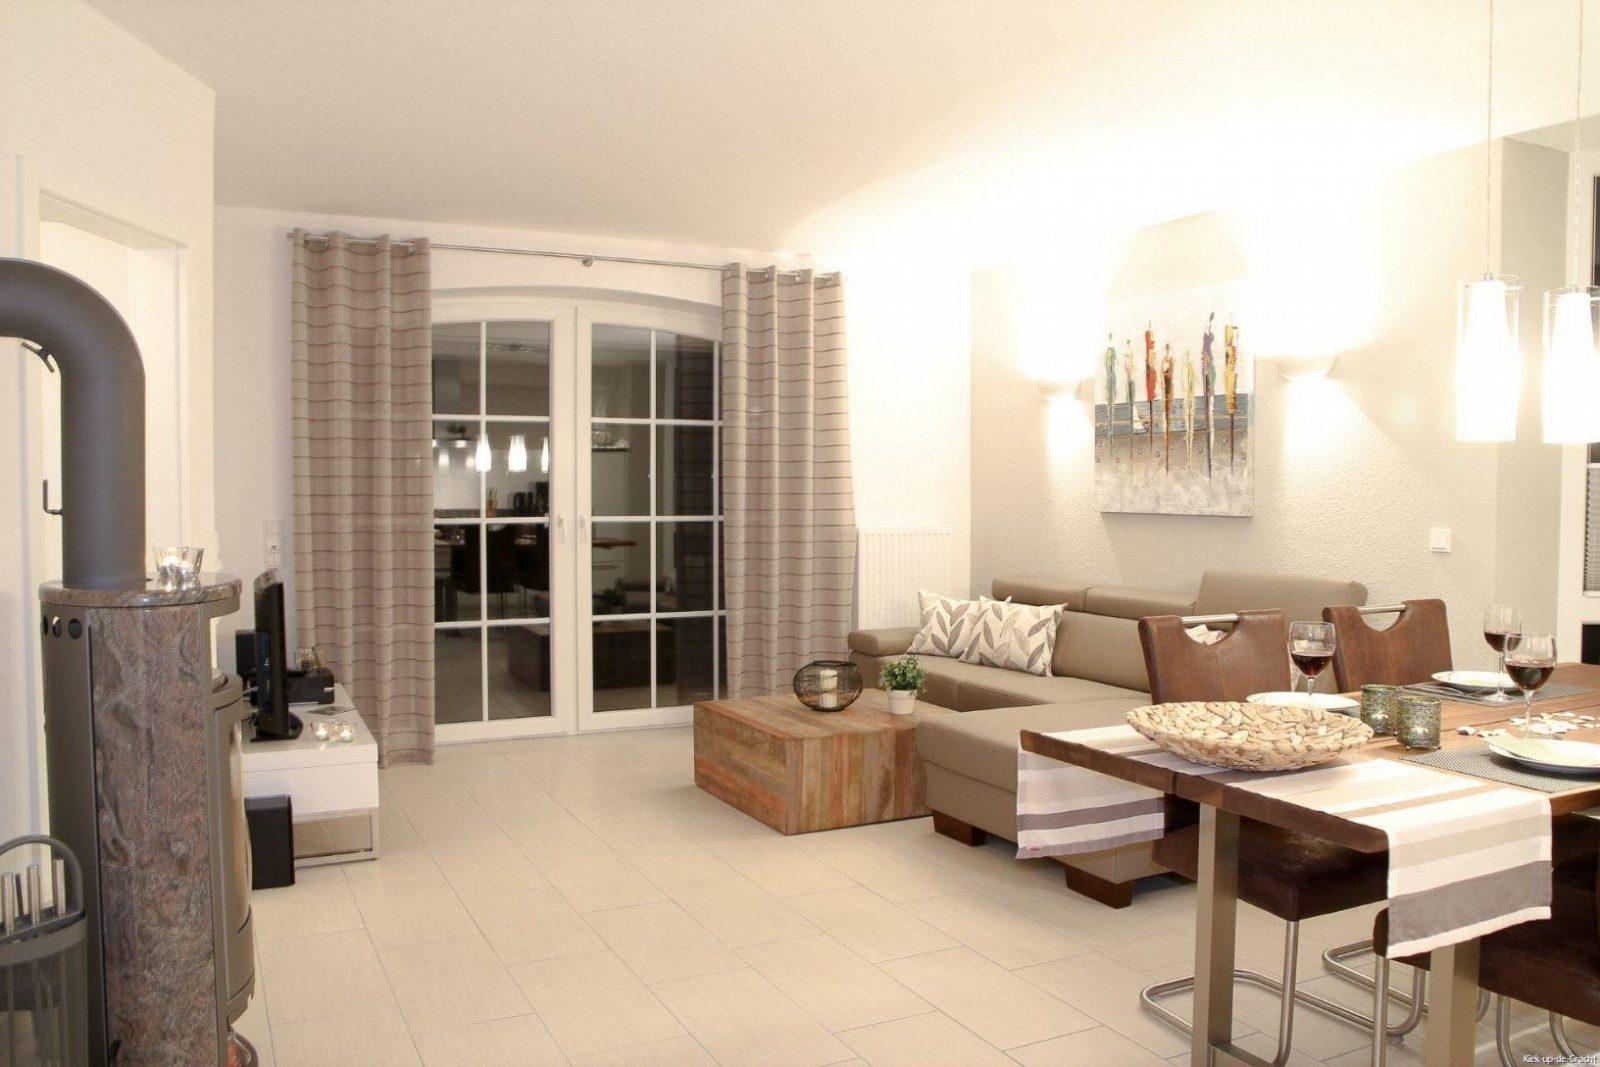 kleines wohnzimmer einrichten genial kleines wohnzimmer mit von kleines wohnzimmer mit. Black Bedroom Furniture Sets. Home Design Ideas